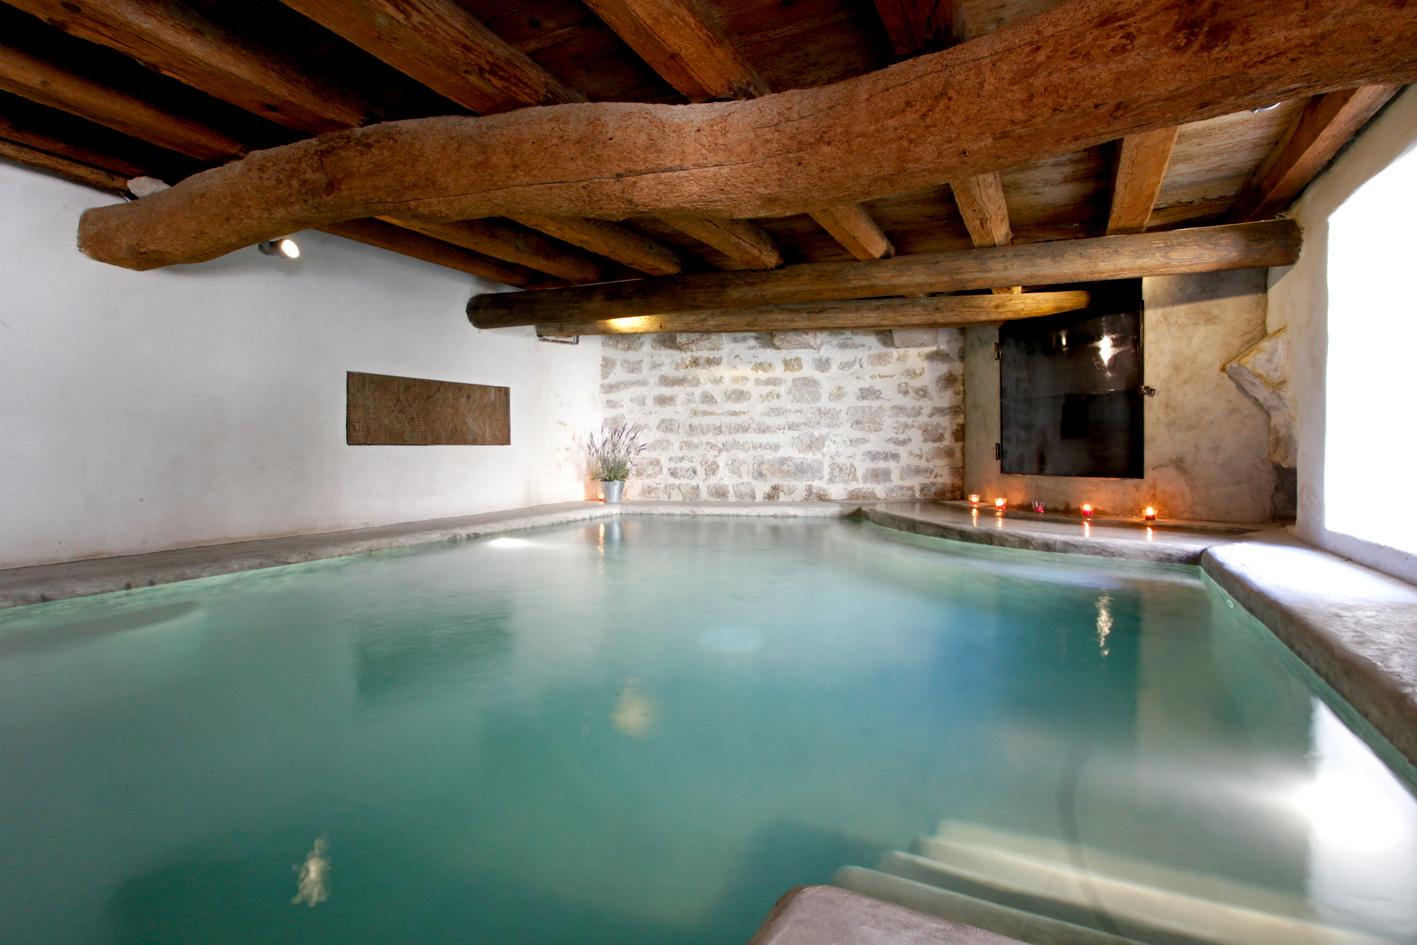 Provence Maison Avec Piscine Couverte pour Location Avec Piscine Couverte